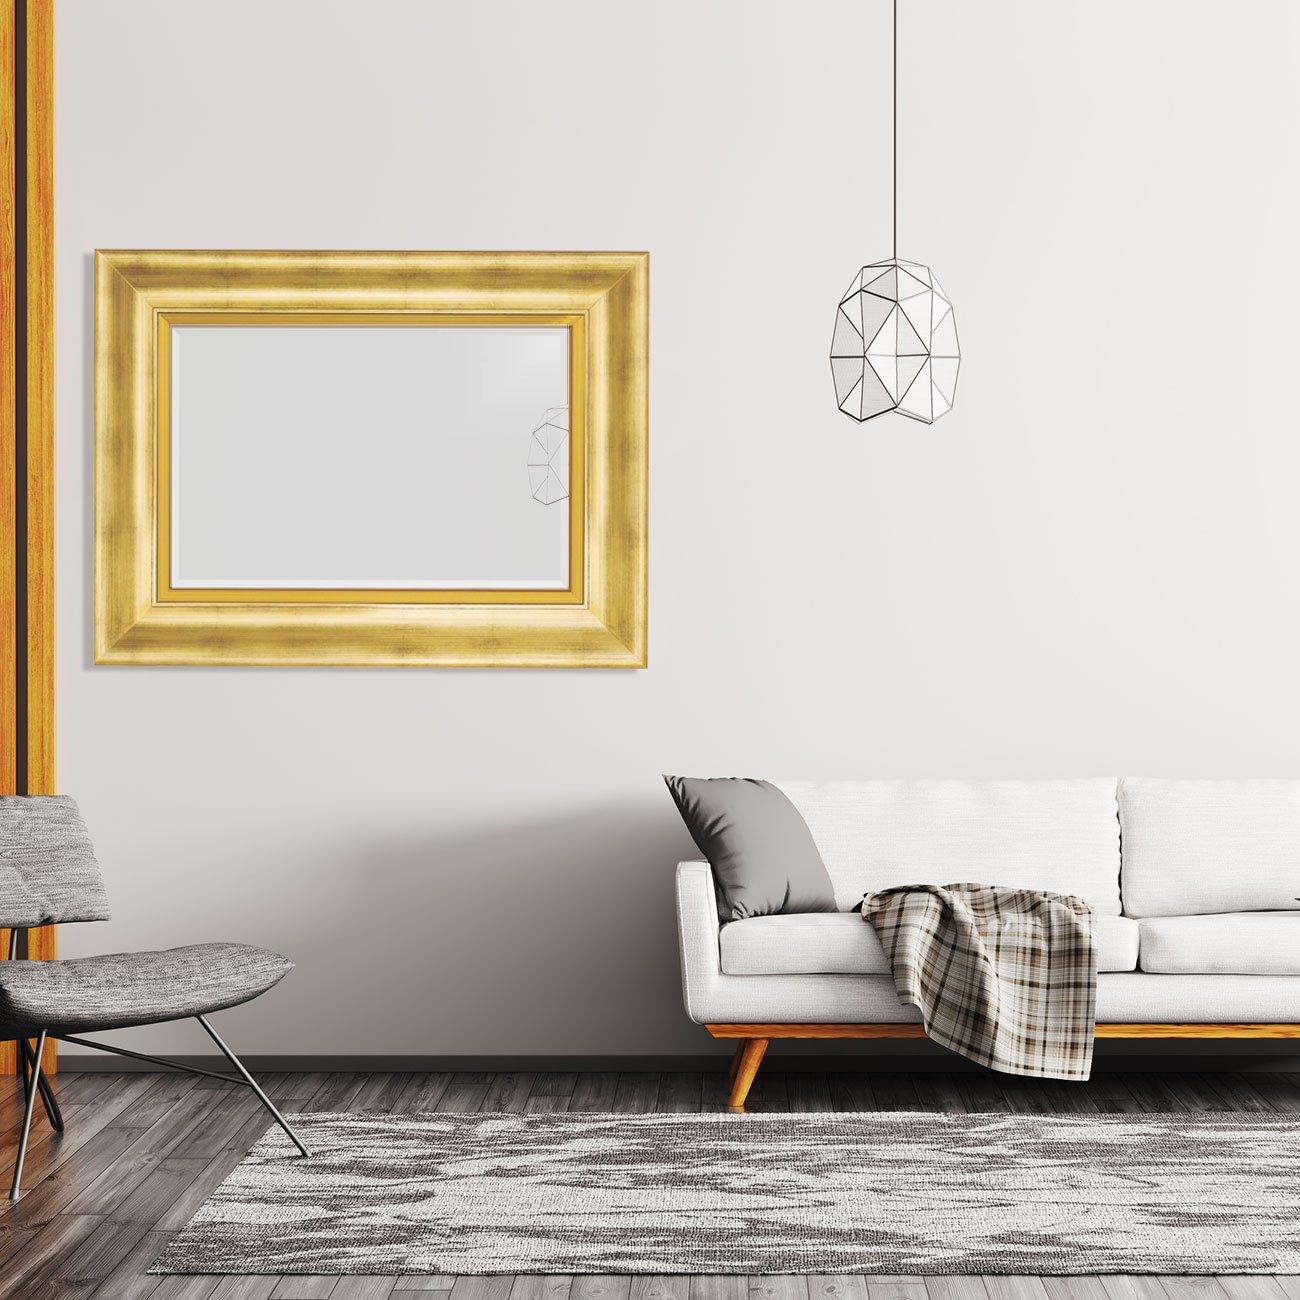 Espelho Decorativo Cristal com Moldura Grande Dourada